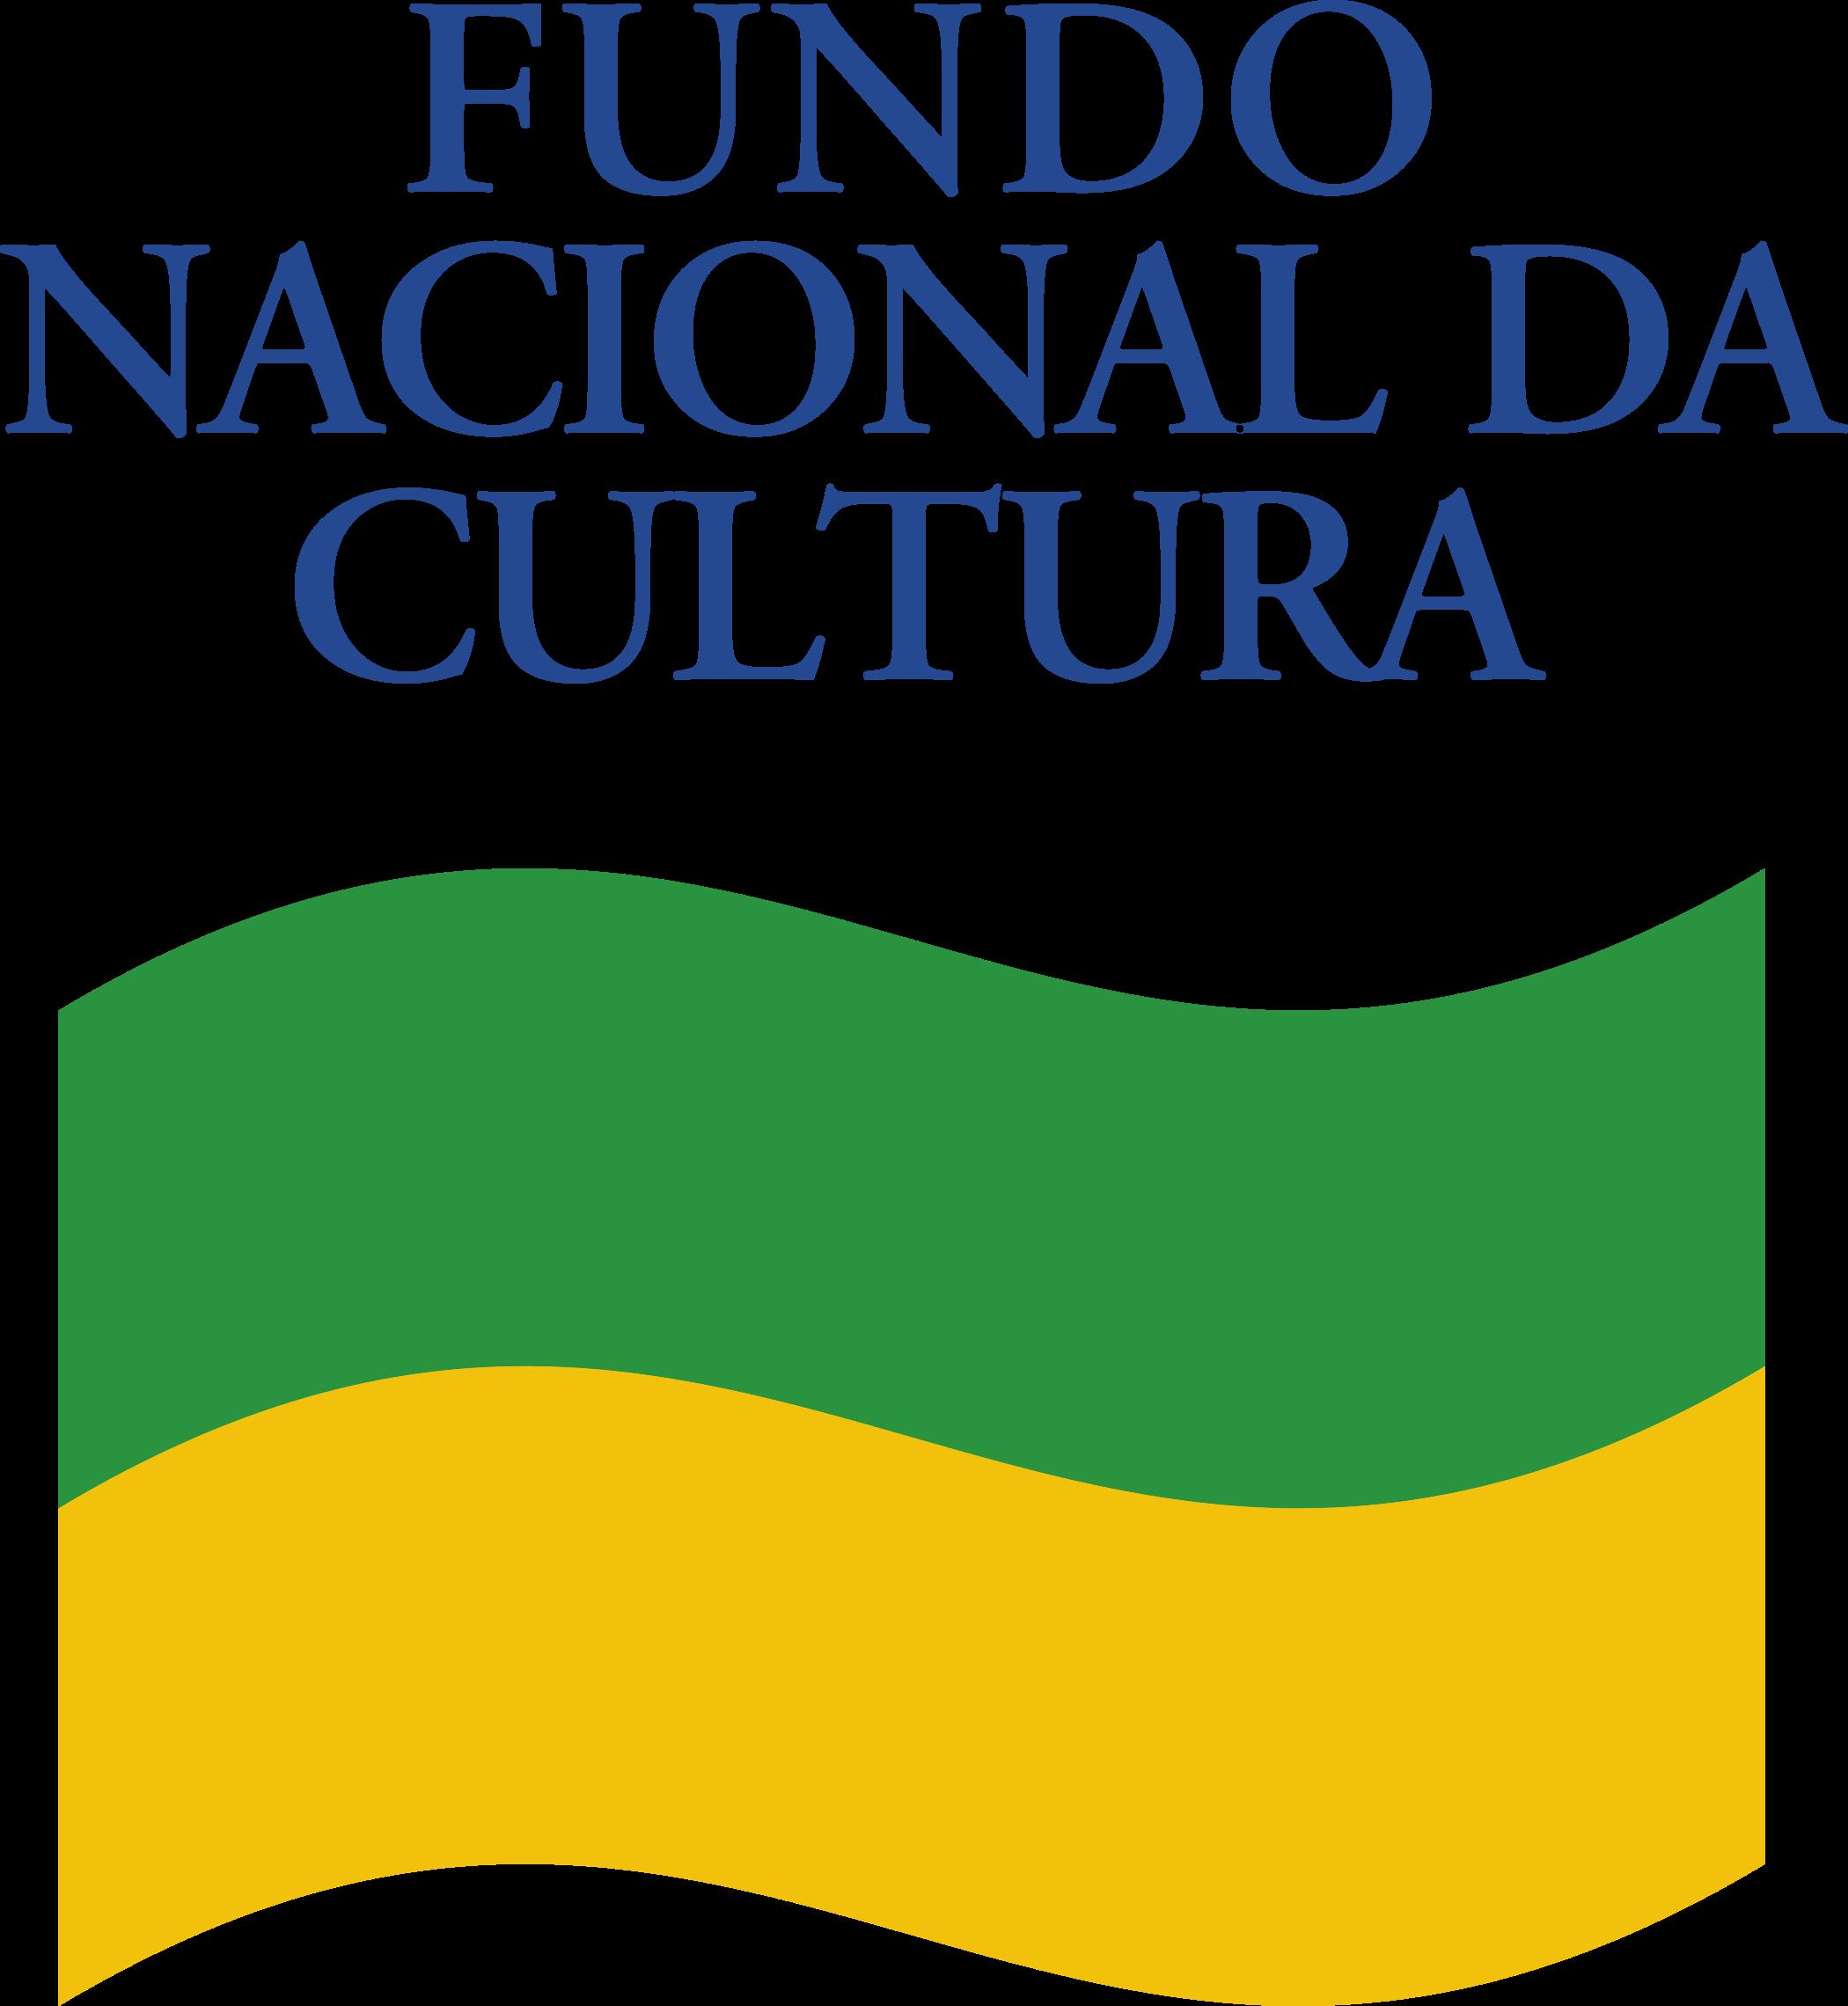 Fundo Nacional da Cultura logo.